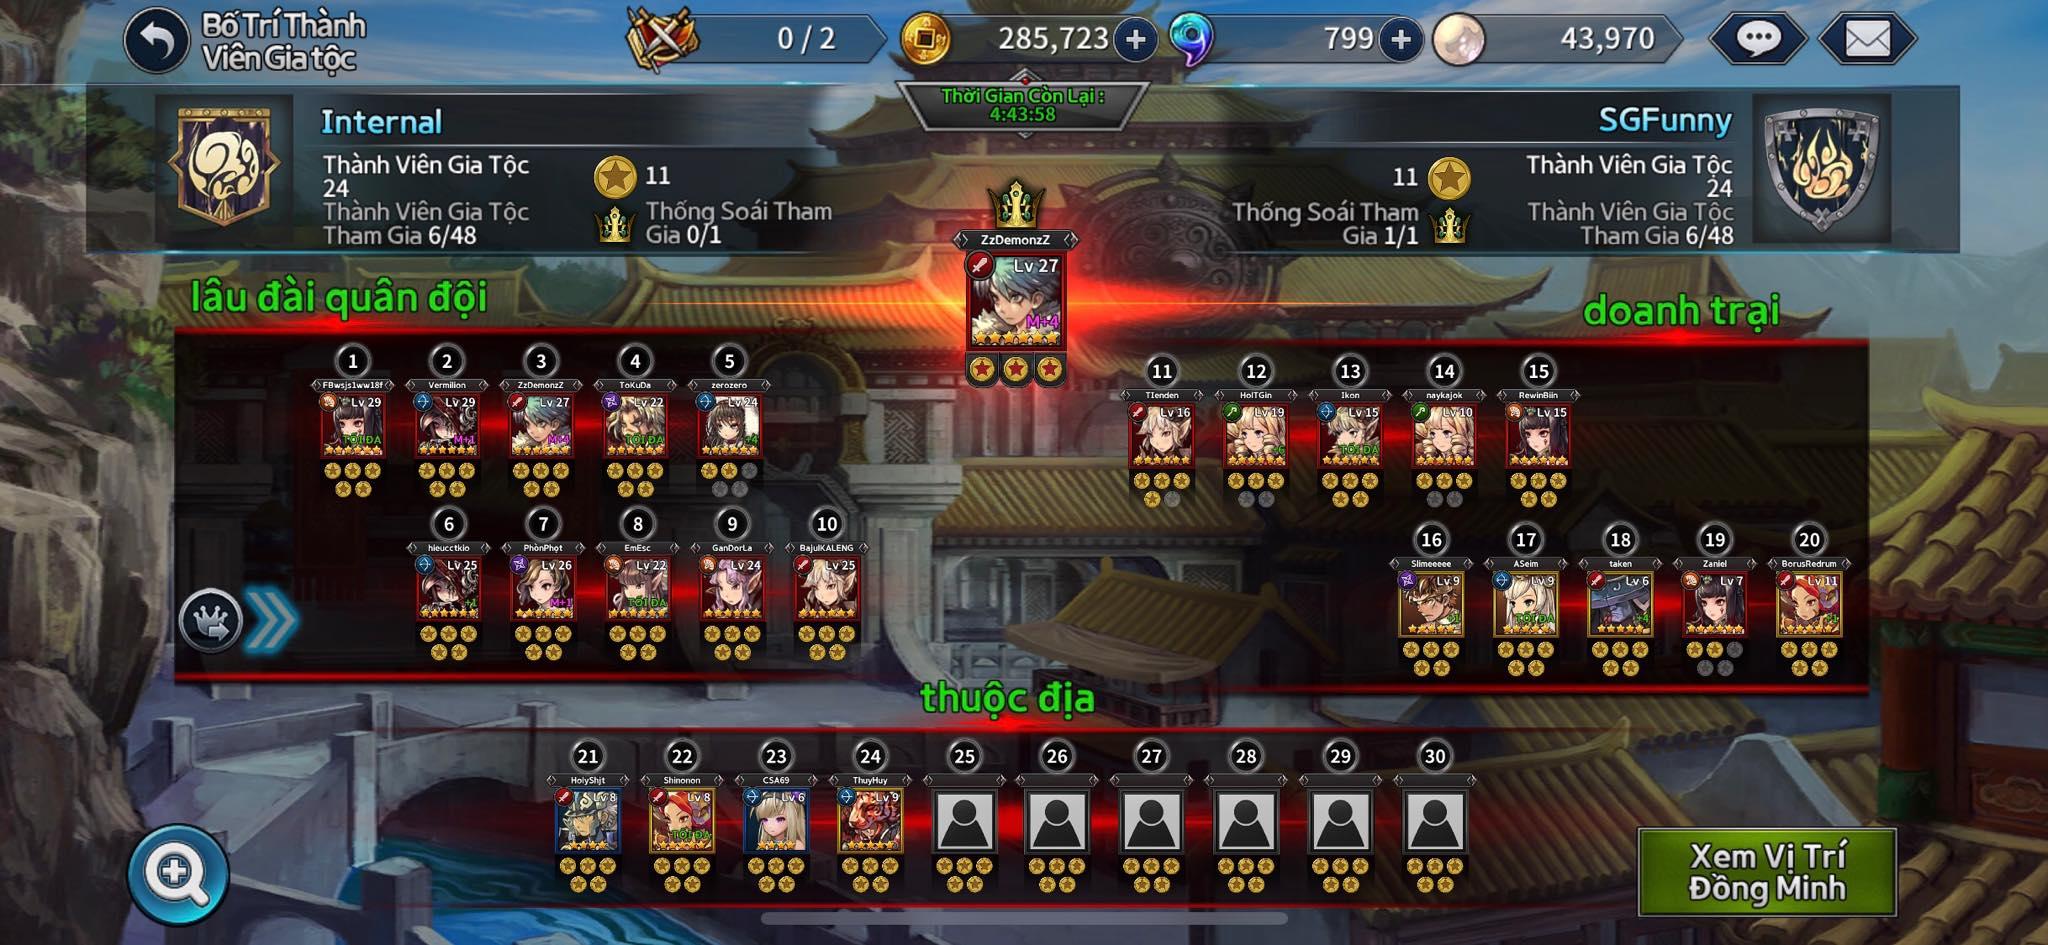 Final Blade Việt Nam không thiếu những đấu trường leo hạng, clan chiến cho bạn tranh đấu 7